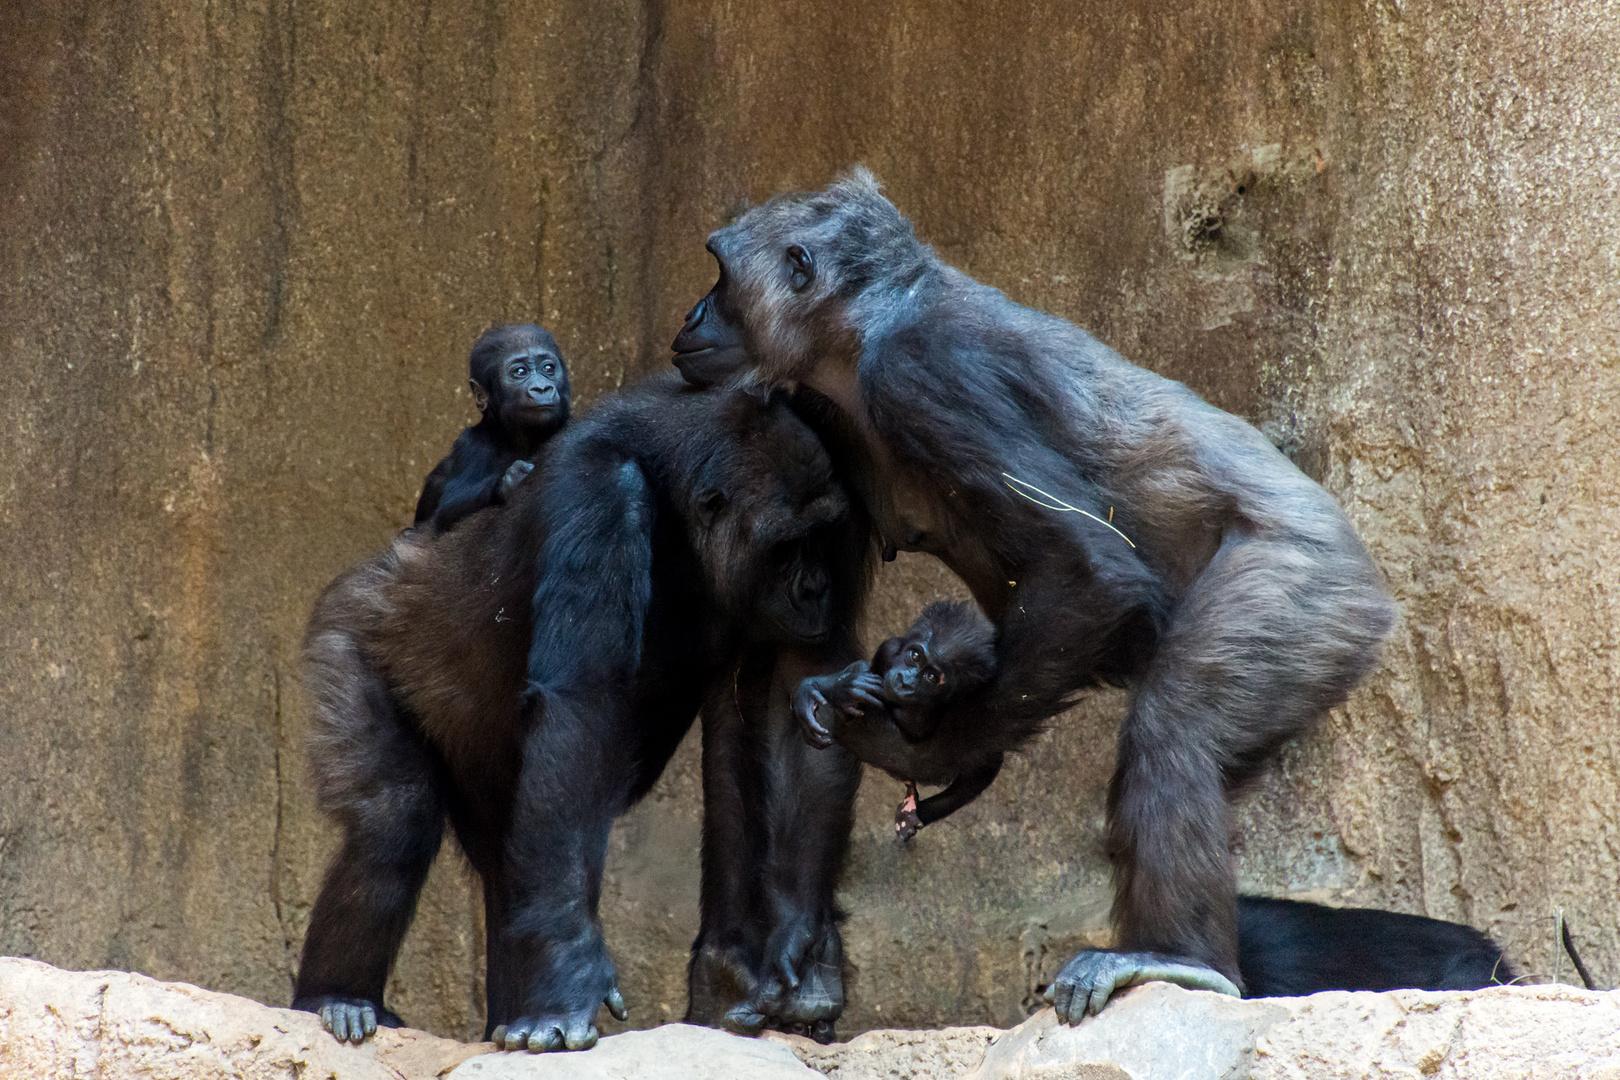 Gorilla-Mütter